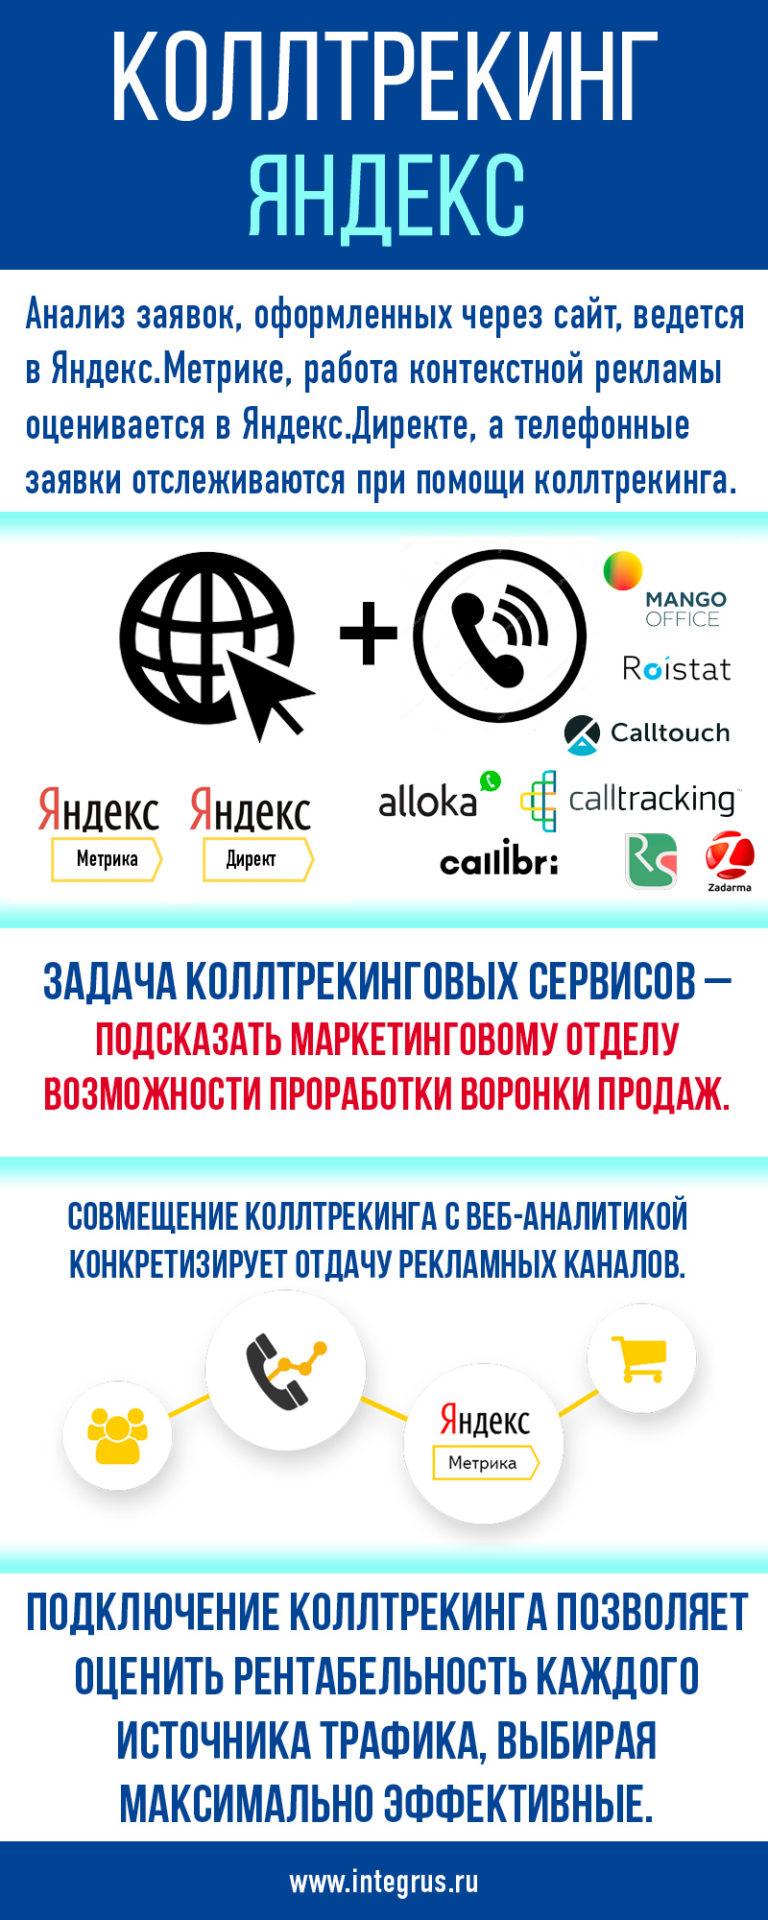 Коллтрекинг и сервисы Яндекса: Метрика, Директ, Телефония